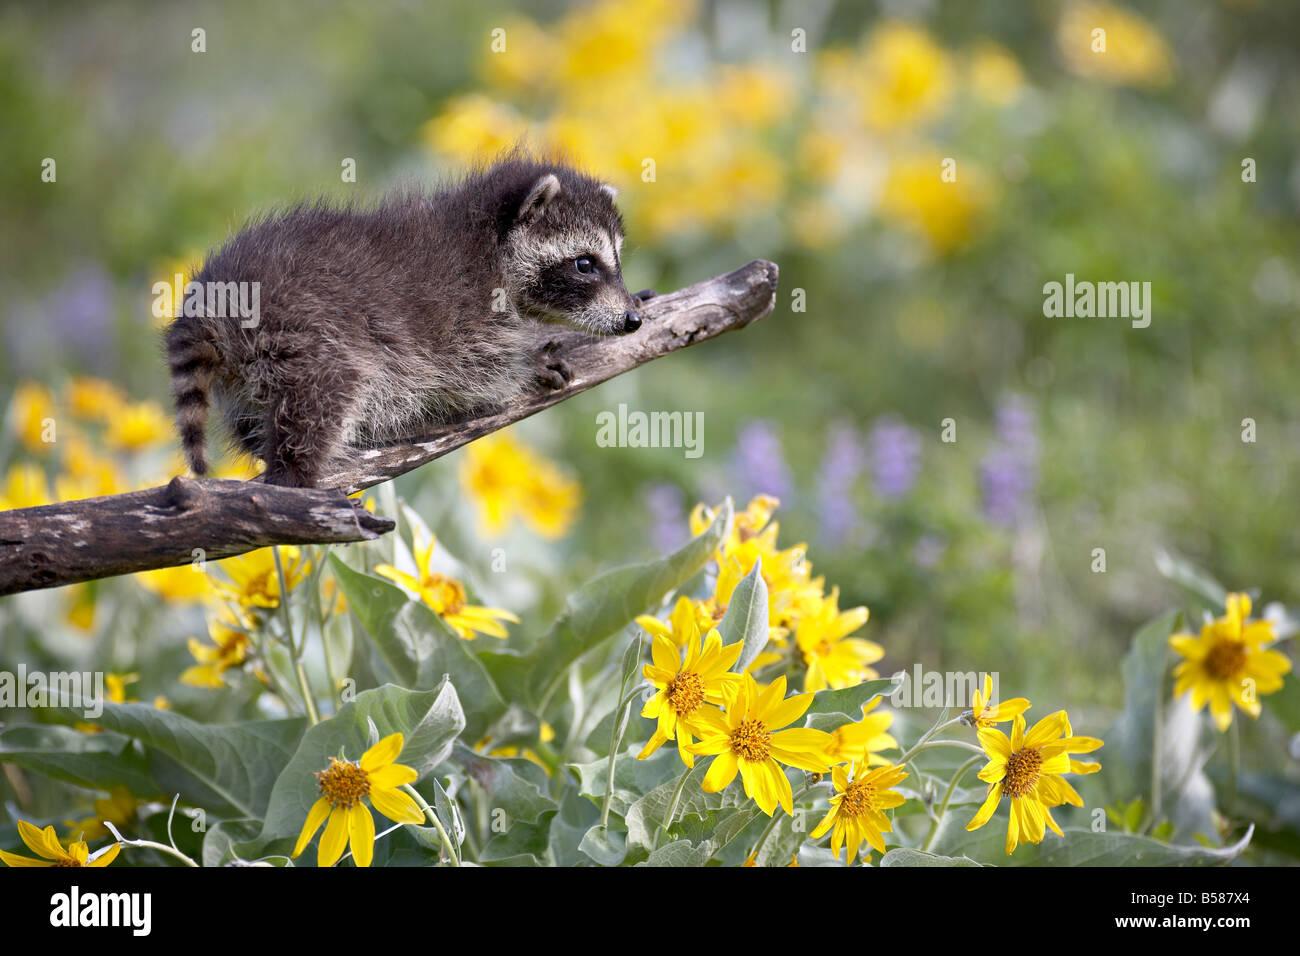 Bebé mapache (Procyon lotor) en cautividad, los animales de Montana, Bozeman, Montana, Estados Unidos de América, Imagen De Stock